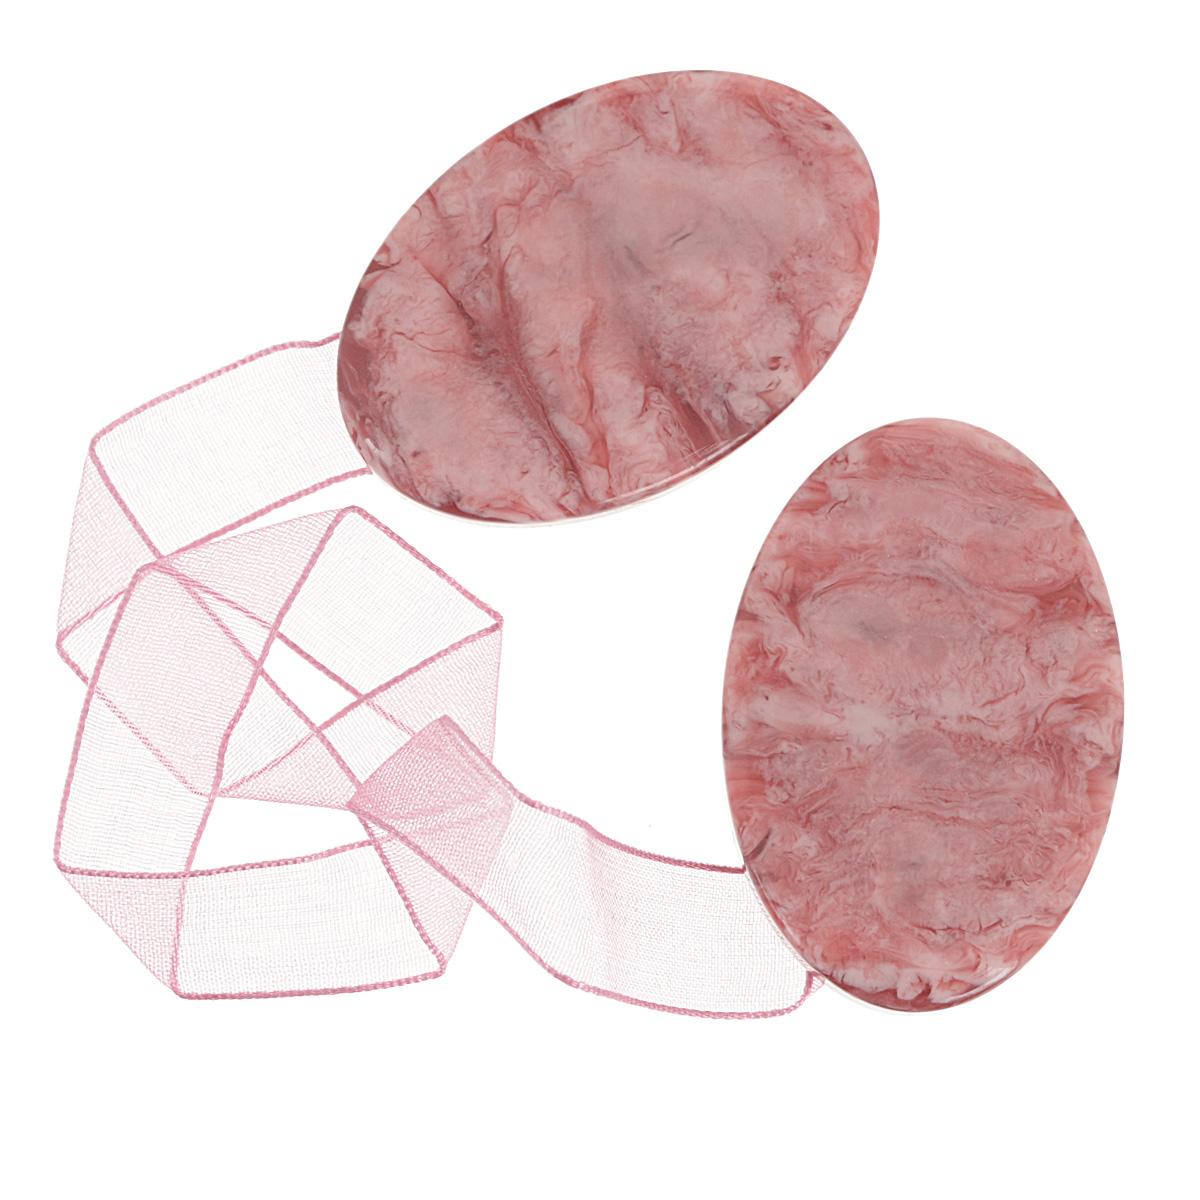 Клипса-магнит для штор Calamita Fiore, цвет: розовый. 675265_554675265_554Клипса-магнит Calamita Fiore, изготовленная из пластика, предназначена для придания формы шторам. Изделие представляет собой два магнита овальной формы, расположенные на разных концах текстильной ленты. С помощью такой магнитной клипсы можно зафиксировать портьеры, придать им требуемое положение, сделать складки симметричными или приблизить портьеры, скрепить их. Клипсы для штор являются универсальным изделием, которое превосходно подойдет как для штор в детской комнате, так и для штор в гостиной. Следует отметить, что клипсы для штор выполняют не только практическую функцию, но также являются одной из основных деталей декора этого изделия, которая придает шторам восхитительный, стильный внешний вид.